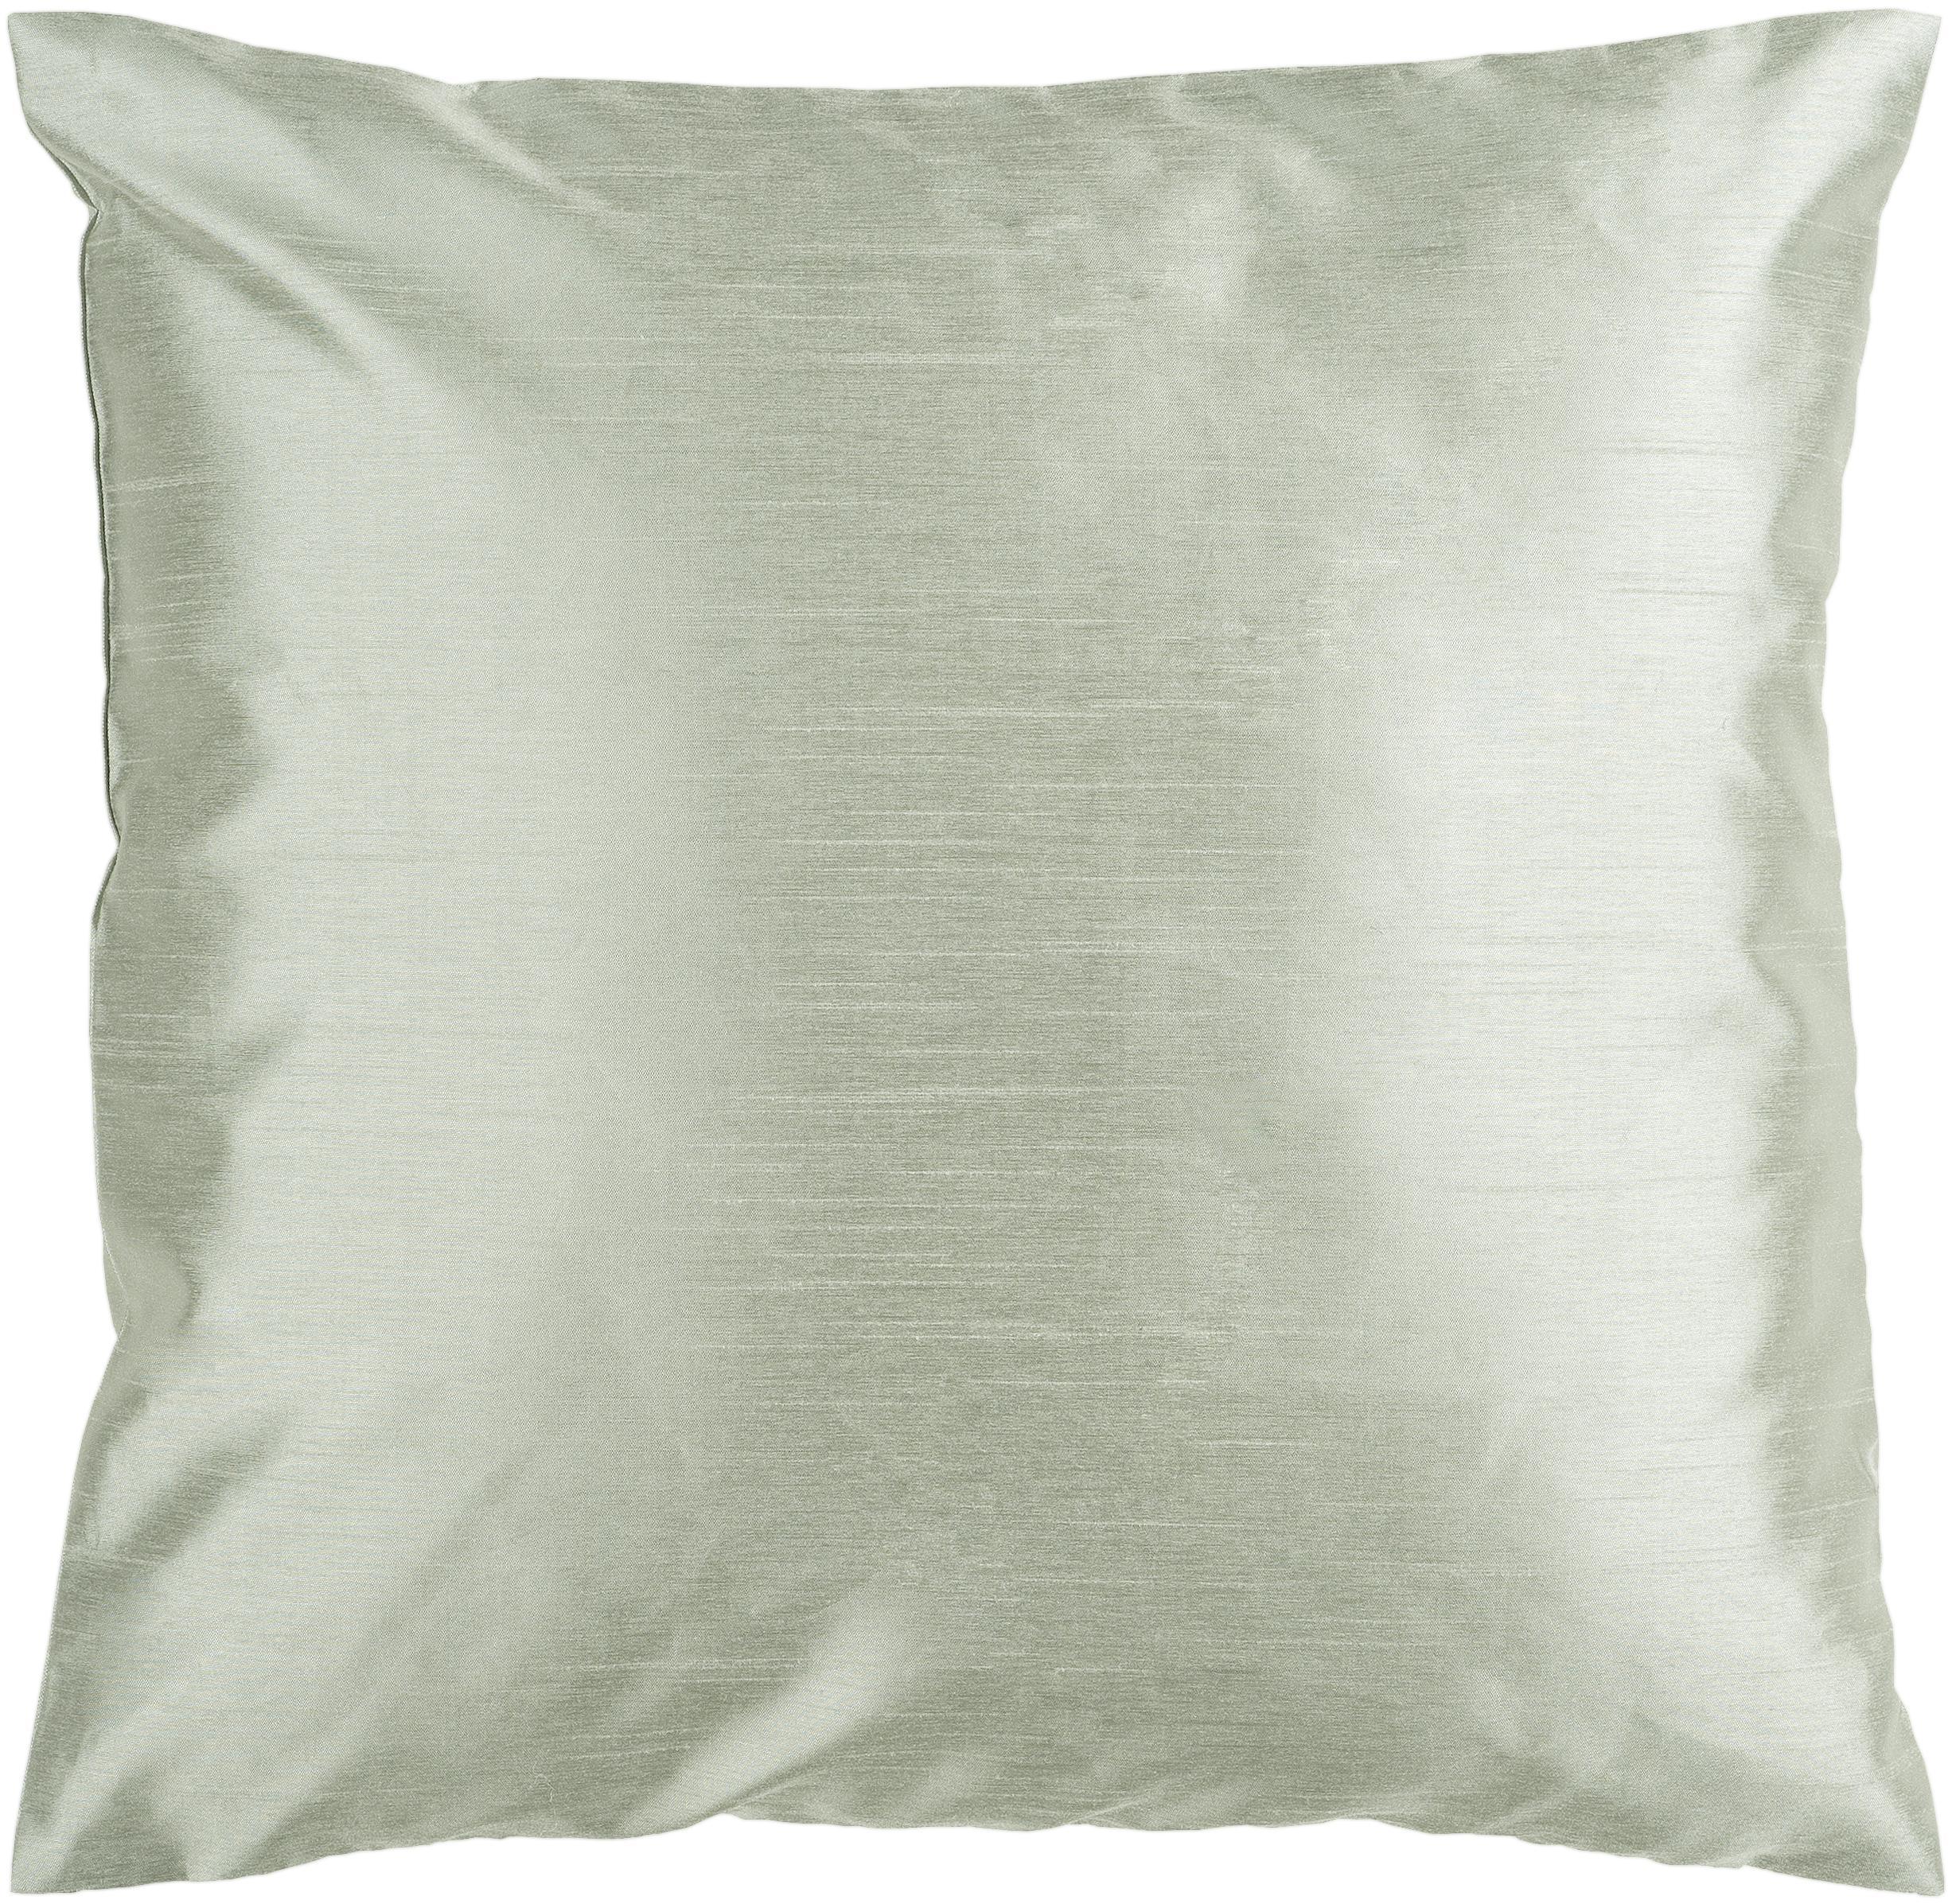 """Surya Pillows 22"""" x 22"""" Pillow - Item Number: HH031-2222P"""